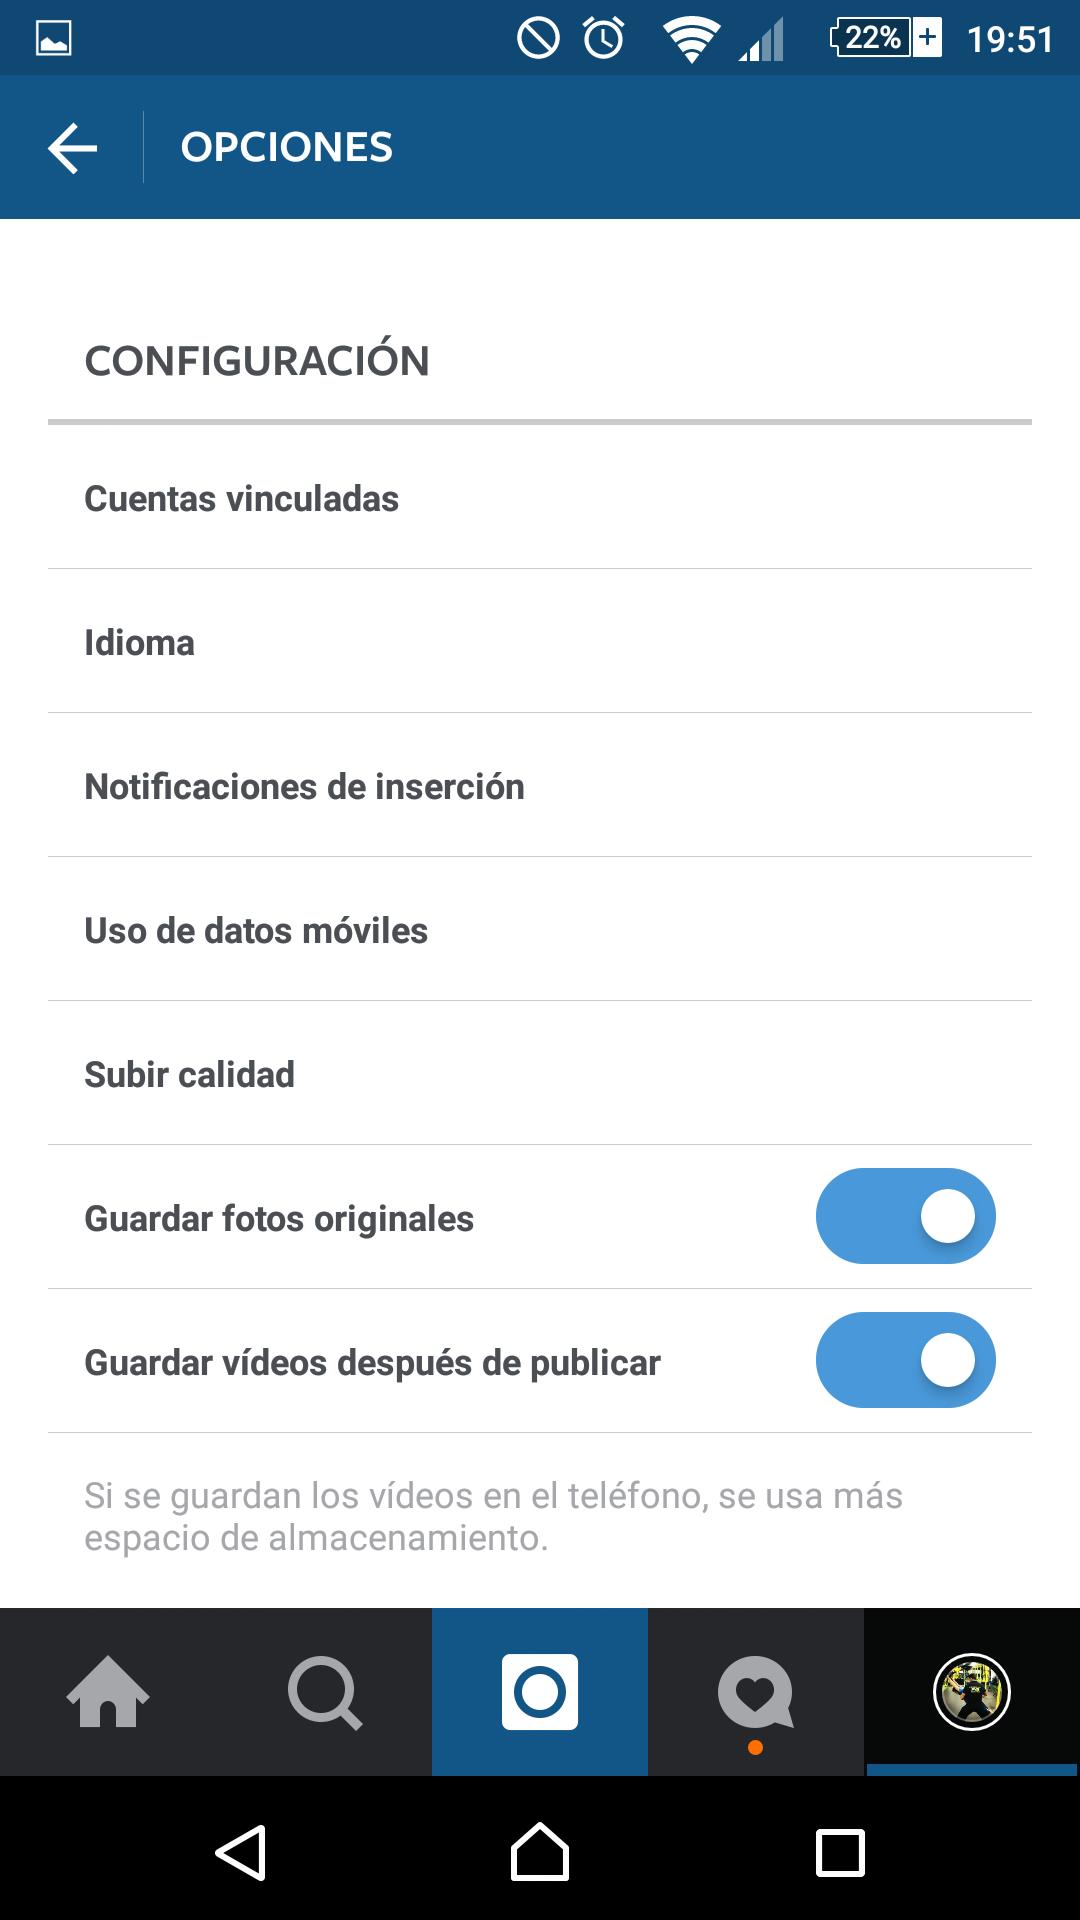 instagram-opciones-screenshot